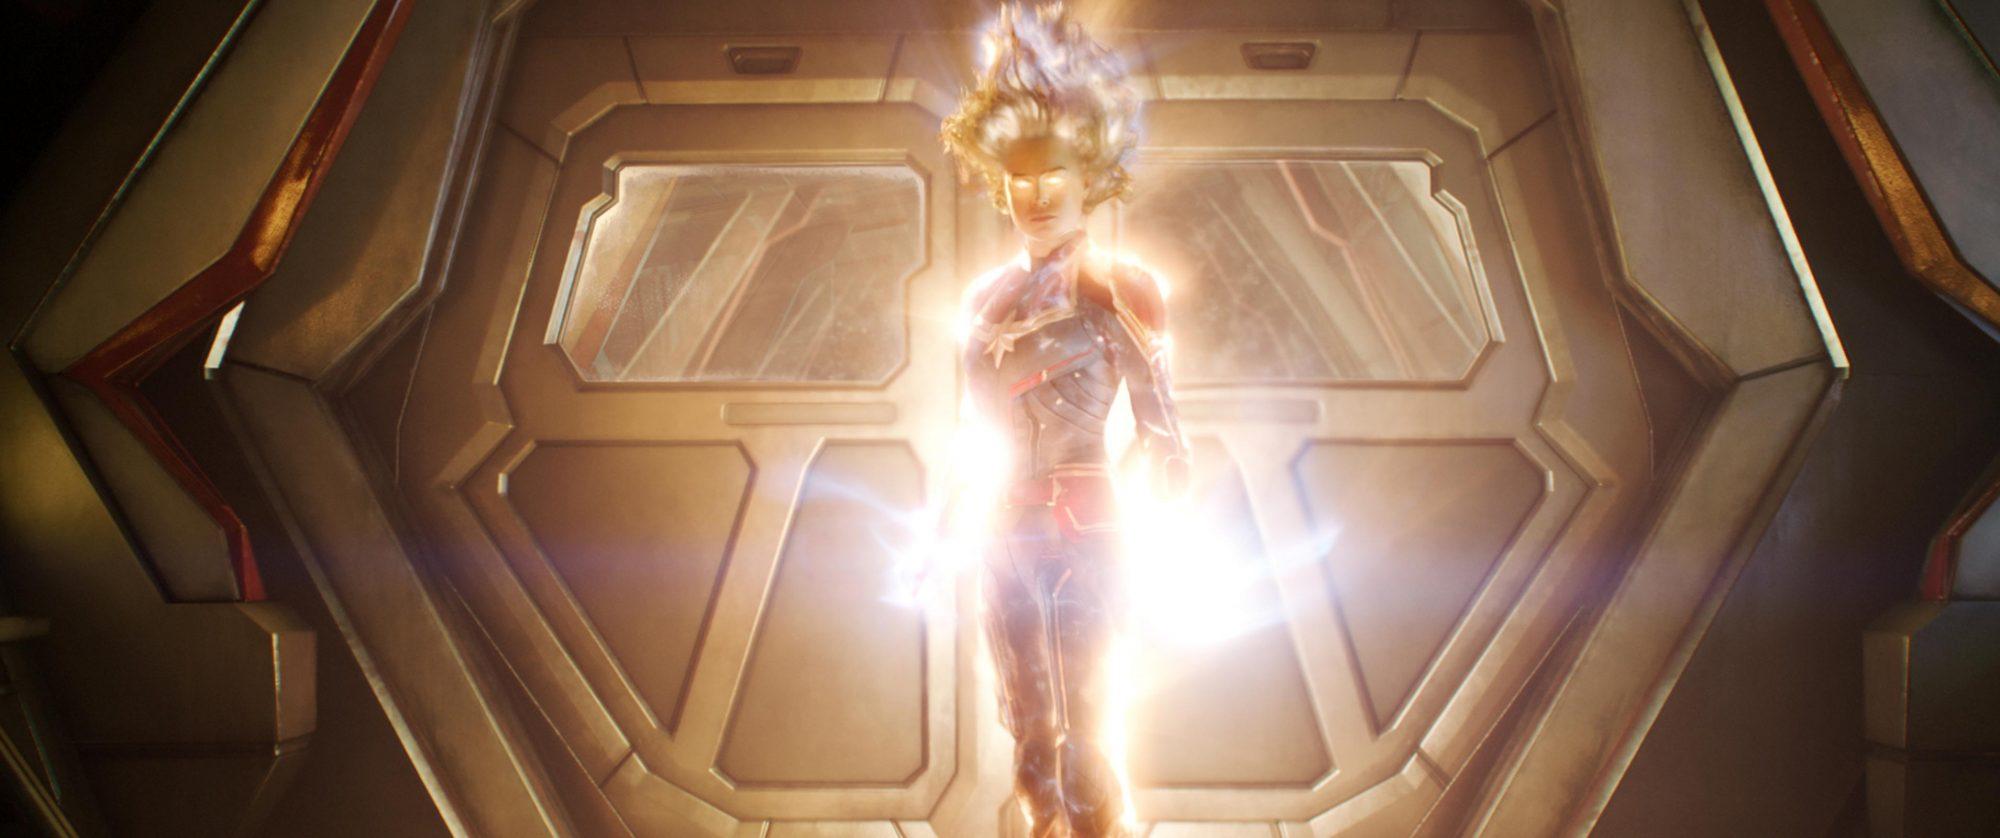 13. Captain Marvel (2019)